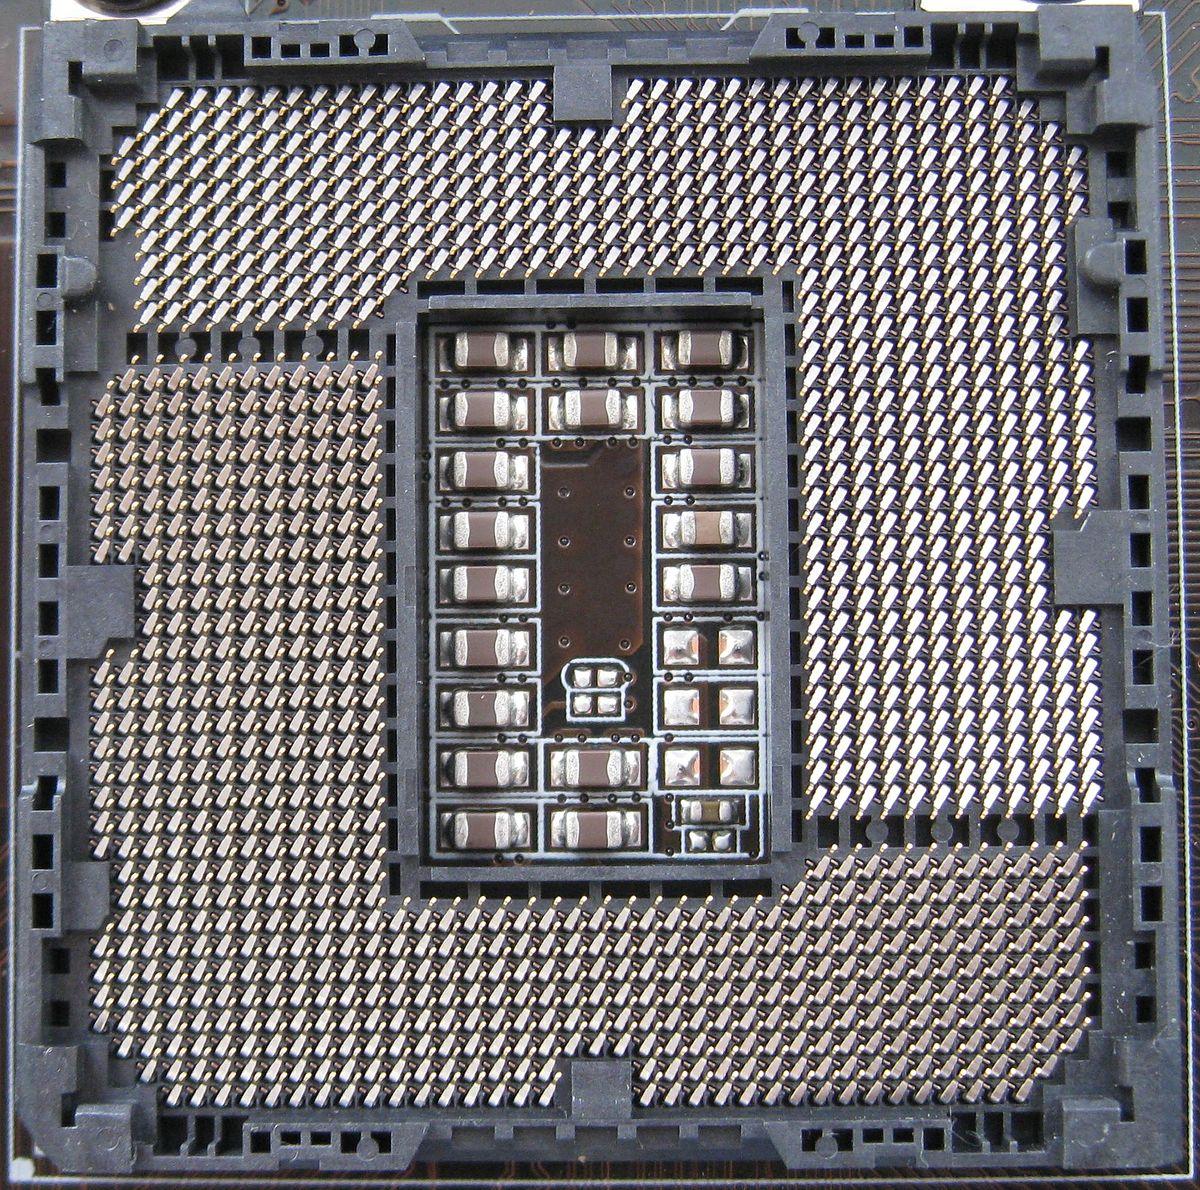 LGA 1155 - Wikipedia